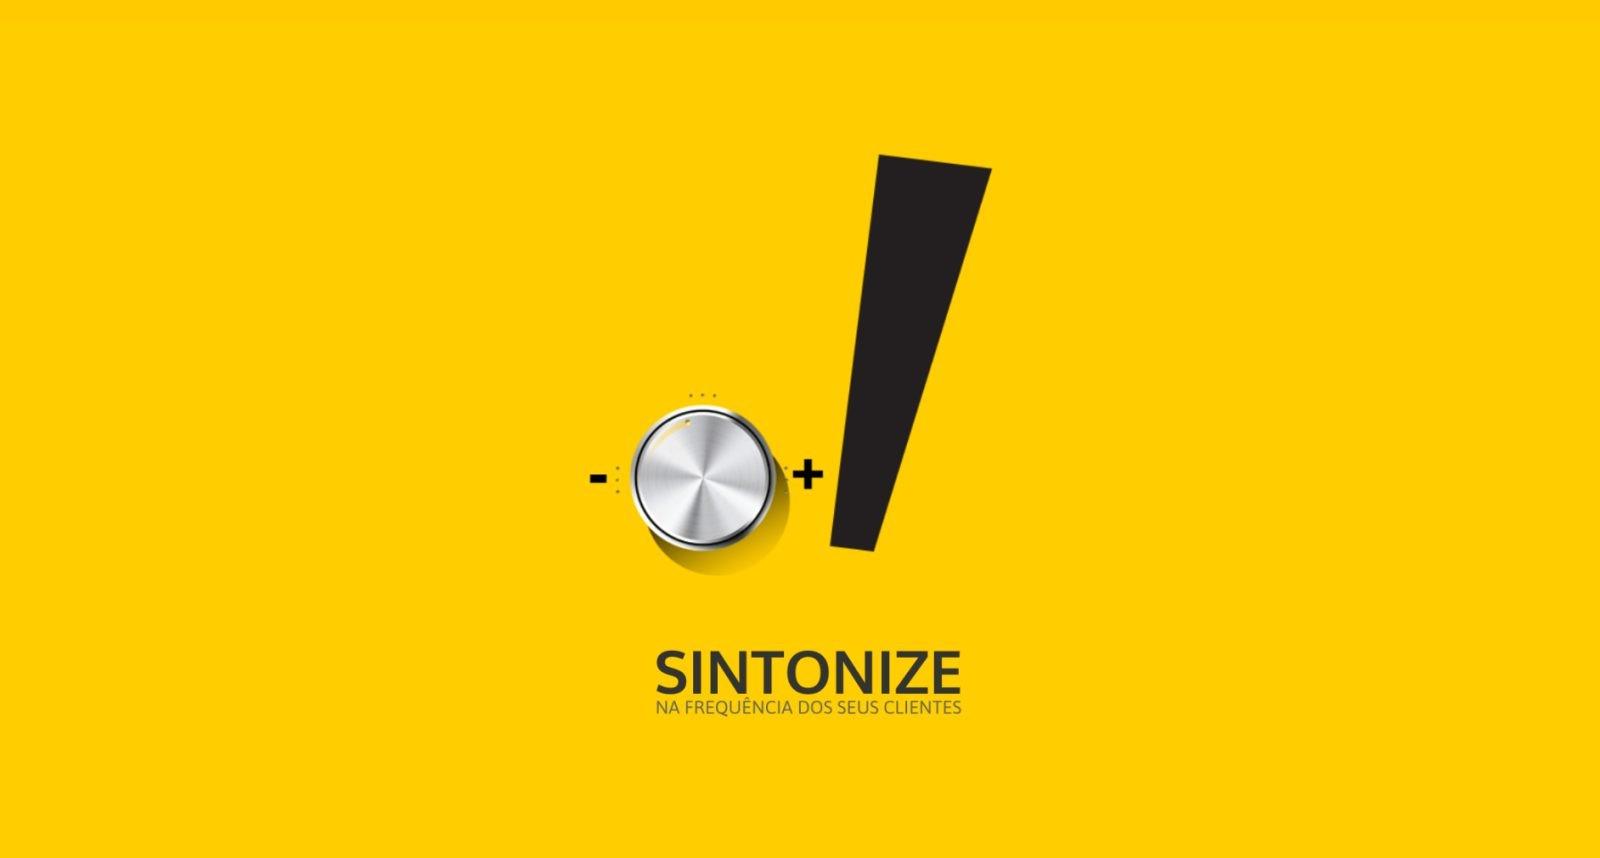 simple design identidade criativa oneline confesso